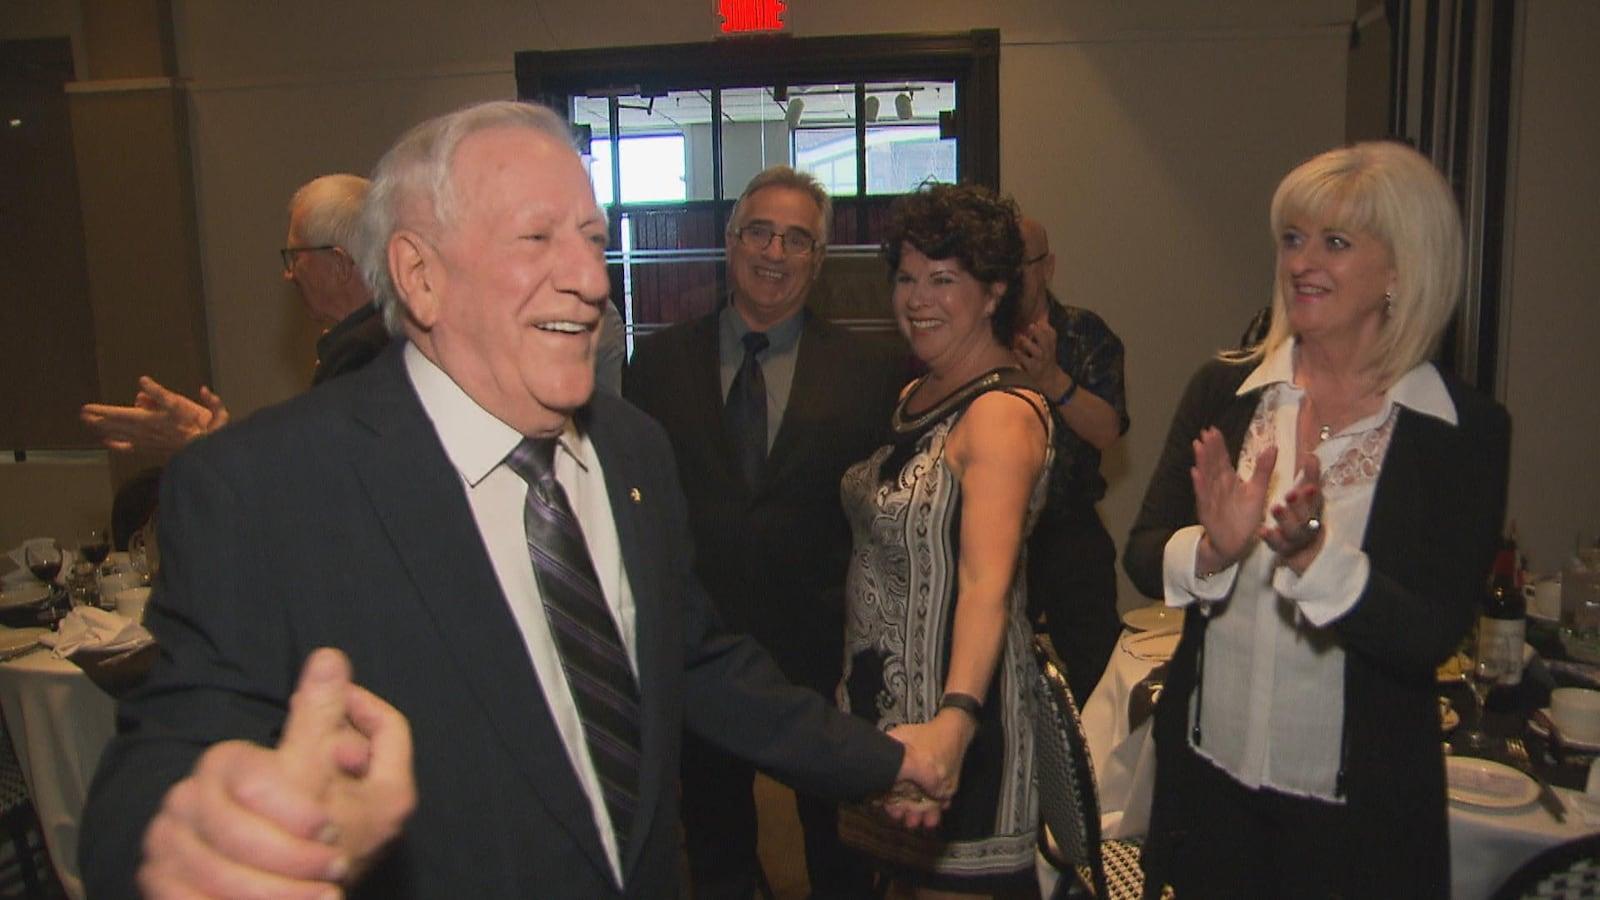 Un homme âgé souriant serre des mains à des personnes réunis dans une salle.